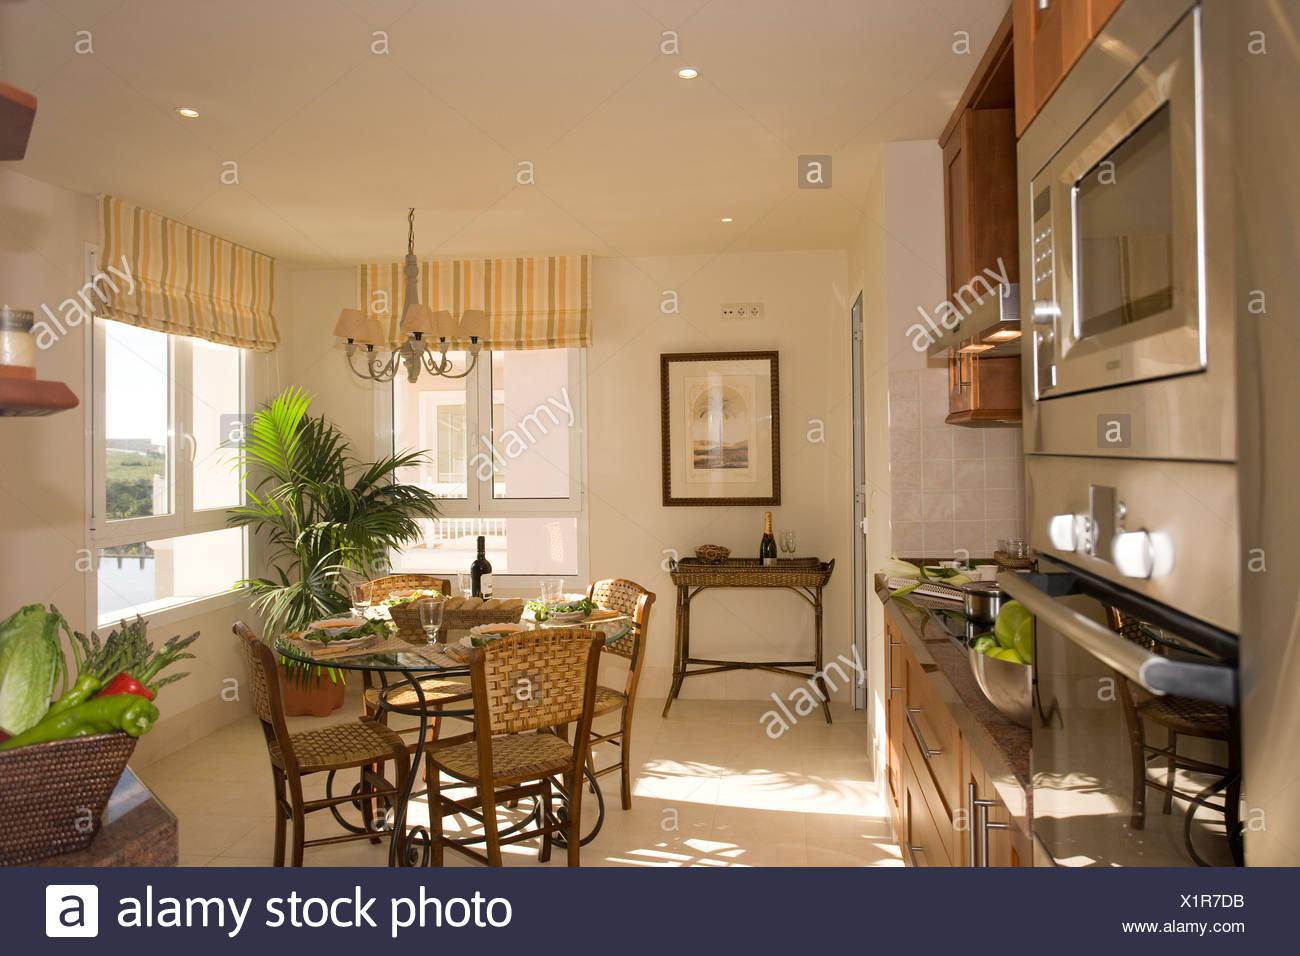 Bonito Apartamento Mesa De La Cocina Terapia Ideas - Como Decorar la ...